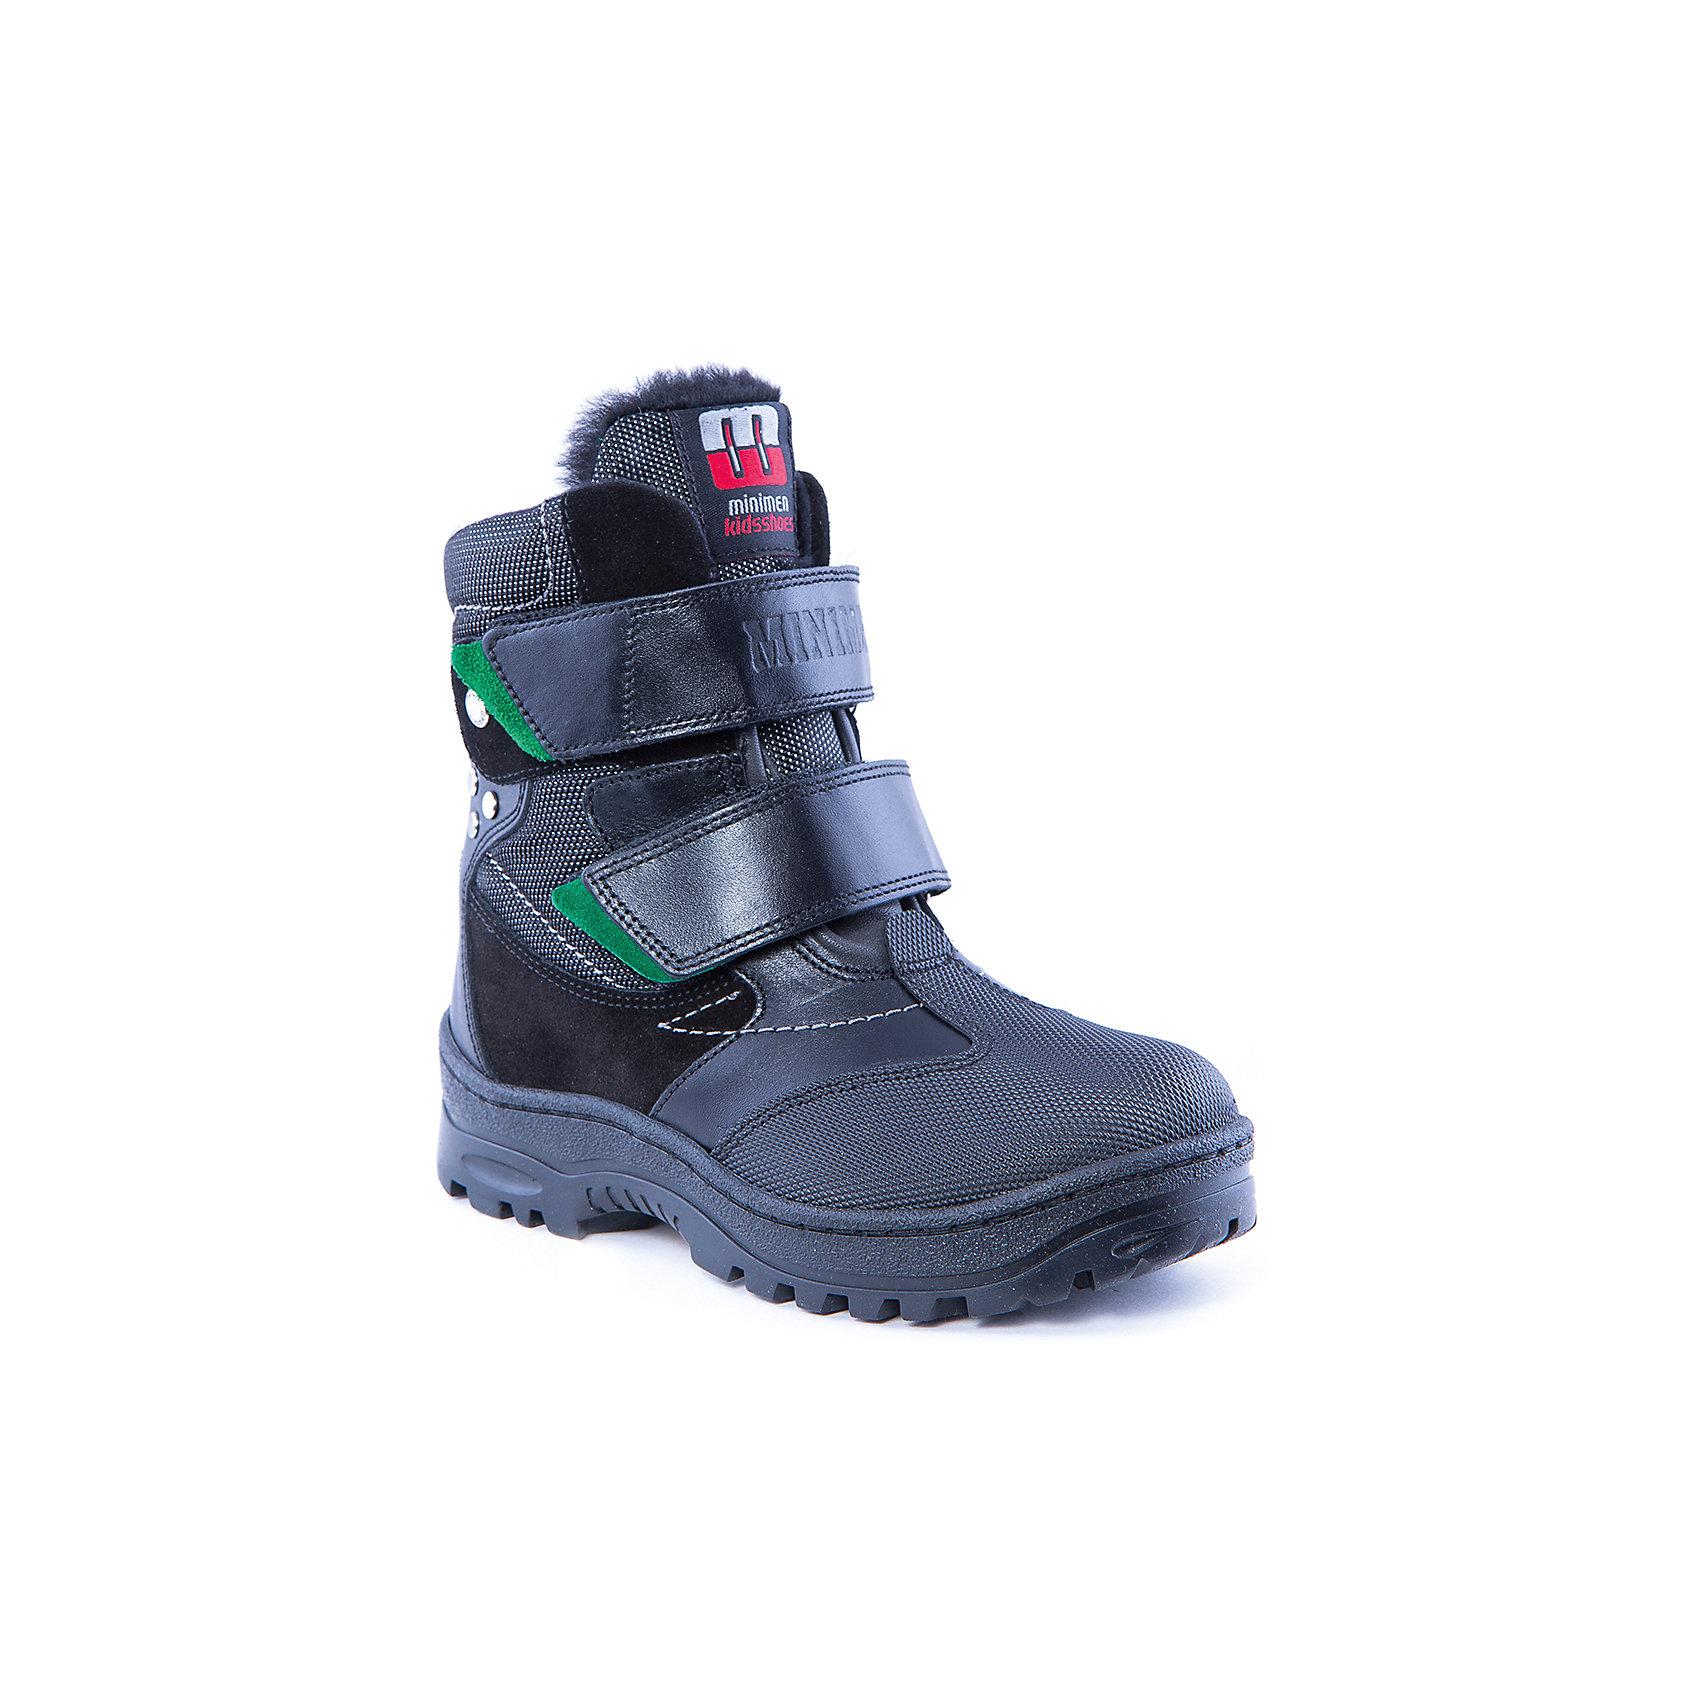 Полусапоги для мальчика MinimenПолусапоги для мальчика от известного бренда Minimen<br><br>Модные сапоги Minimen созданы для ношения в межсезонье и начинающиеся холода. Их форма тщательно проработана, поэтому детским ножкам в такой обуви тепло и комфортно. Качественные материалы позволяют сделать изделия износостойкими и удобными.<br><br>Отличительные особенности модели:<br><br>- цвет: черный;<br>- гибкая нескользящая подошва;<br>- усиленный носок и задник;<br>- эргономичная форма;<br>- удобная колодка;<br>- меховая подкладка;<br>- натуральная кожа;<br>- застежки-липучки.<br><br>Дополнительная информация:<br><br>Температурный режим: от - 15° С до +5° С.<br><br>Состав:<br>верх - 100% натуральная кожа<br>подкладка - 100% мех<br>подошва - ТЭП<br><br>Полусапоги для мальчика Minimen (Минимен) можно купить в нашем магазине.<br><br>Ширина мм: 257<br>Глубина мм: 180<br>Высота мм: 130<br>Вес г: 420<br>Цвет: черный<br>Возраст от месяцев: 84<br>Возраст до месяцев: 96<br>Пол: Мужской<br>Возраст: Детский<br>Размер: 31,30,29,35,34,33,32<br>SKU: 4334462